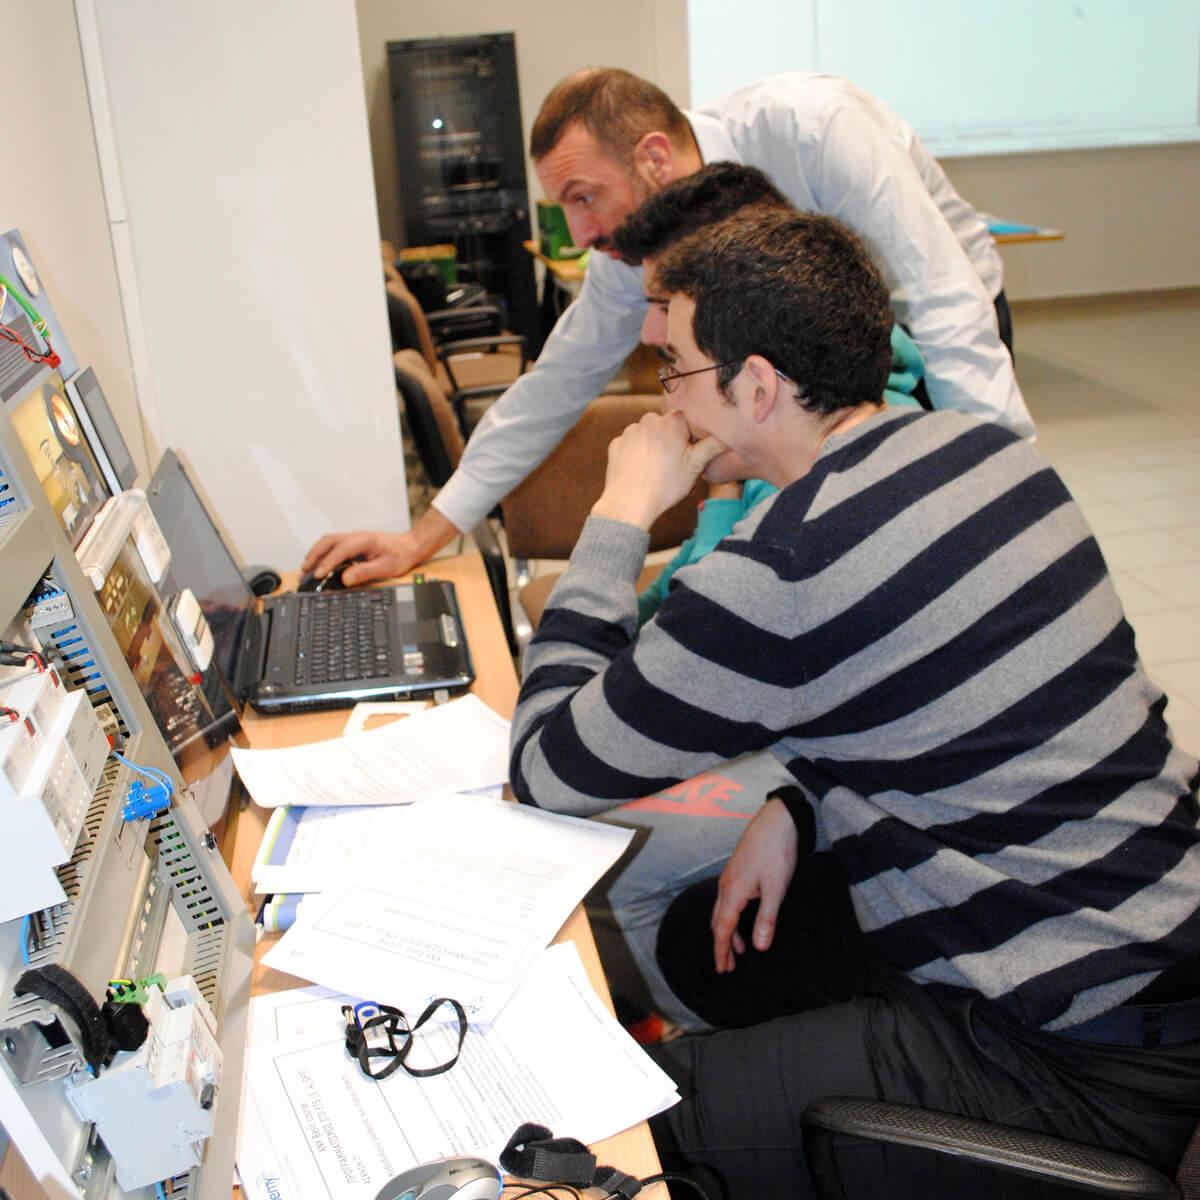 ηλετρολόγοι εγκαταστάτες KNX basic course